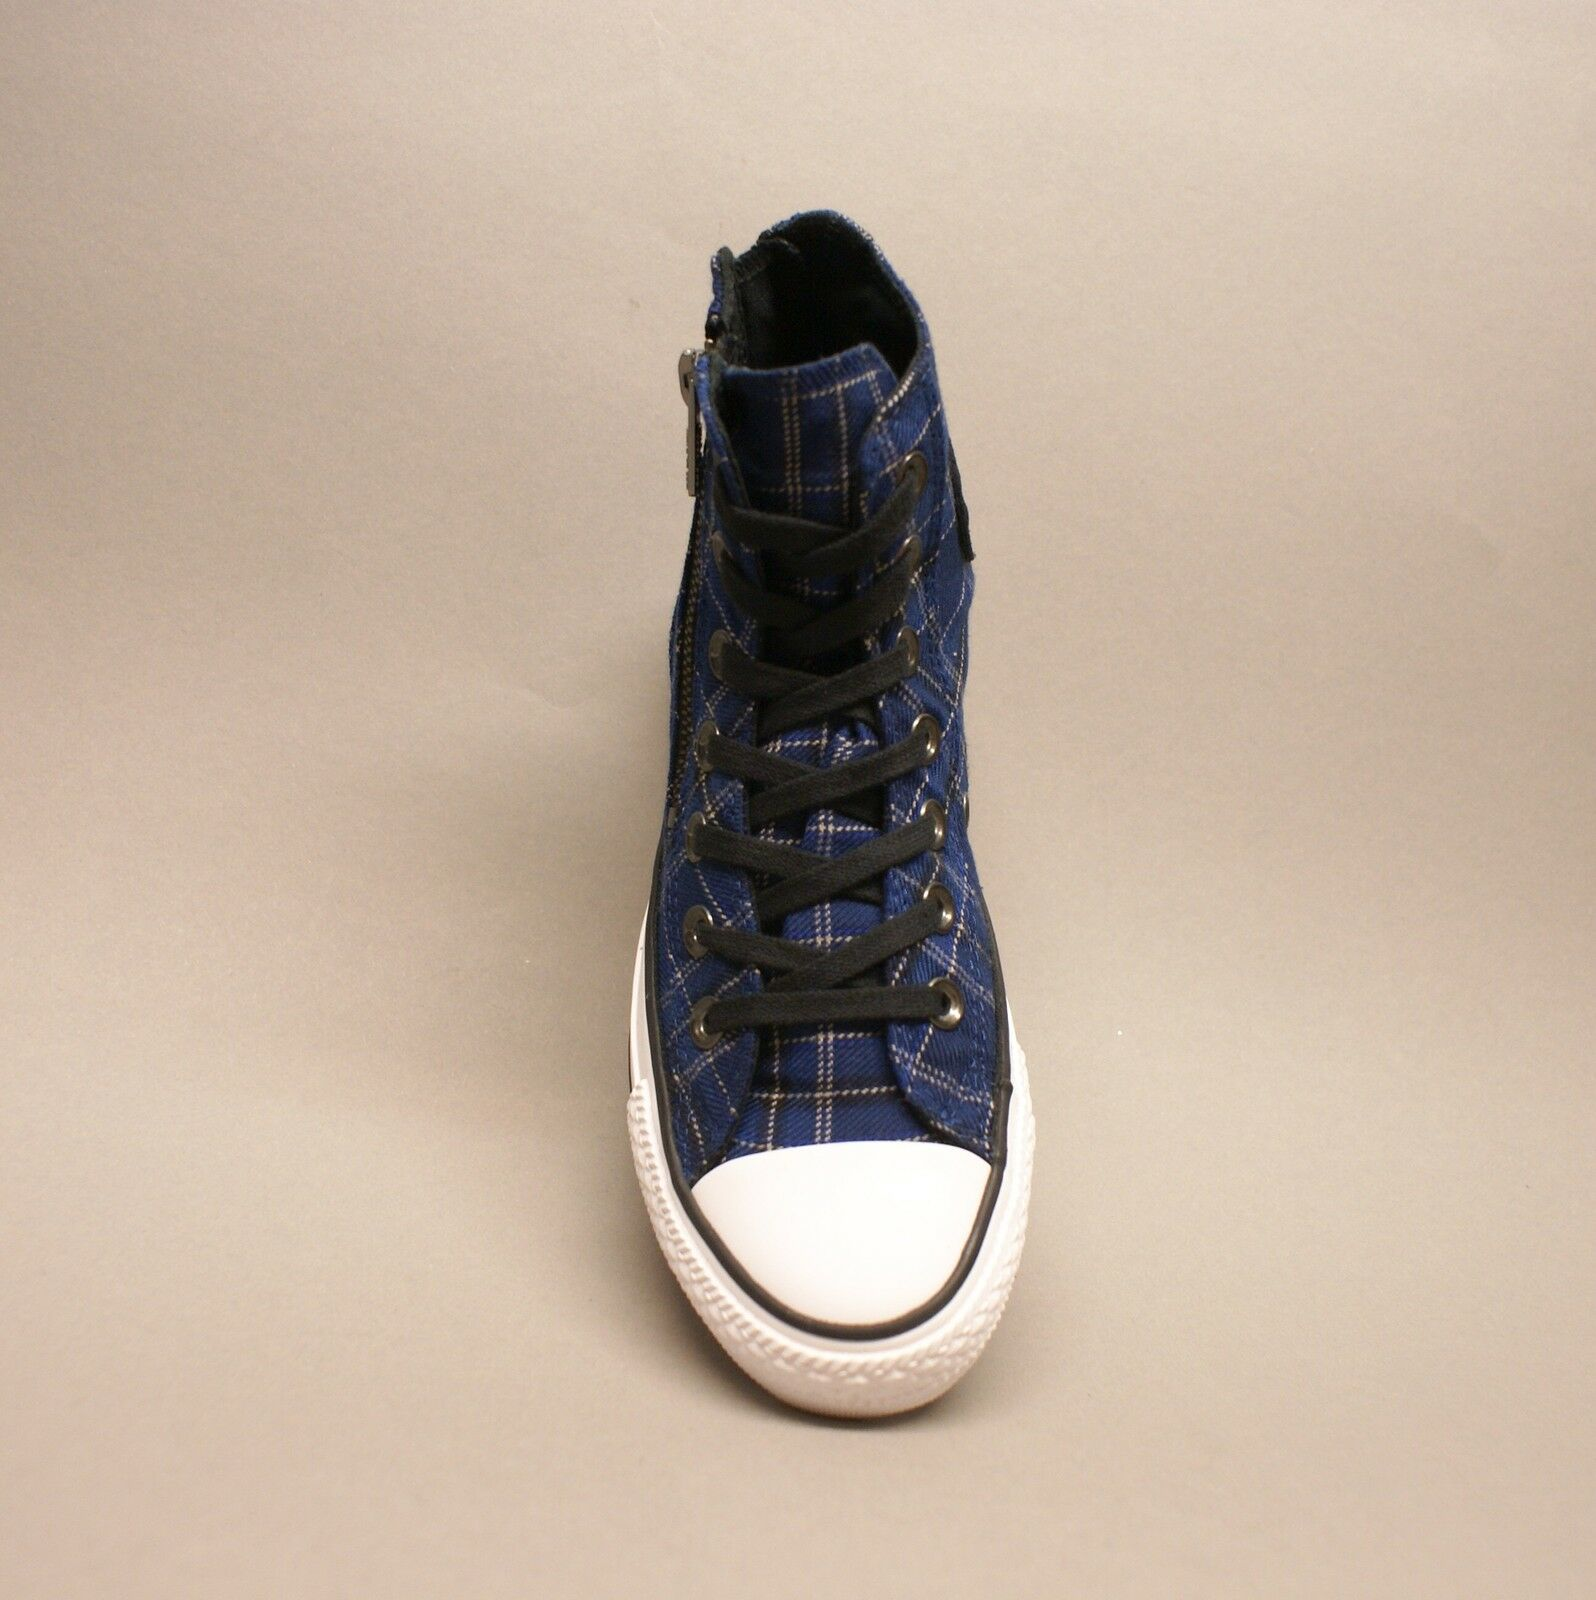 Converse All Star Chuck Plaid Hi Dual Zip Plaid Chuck Navy 549573C Sneakers blau kariert 443005